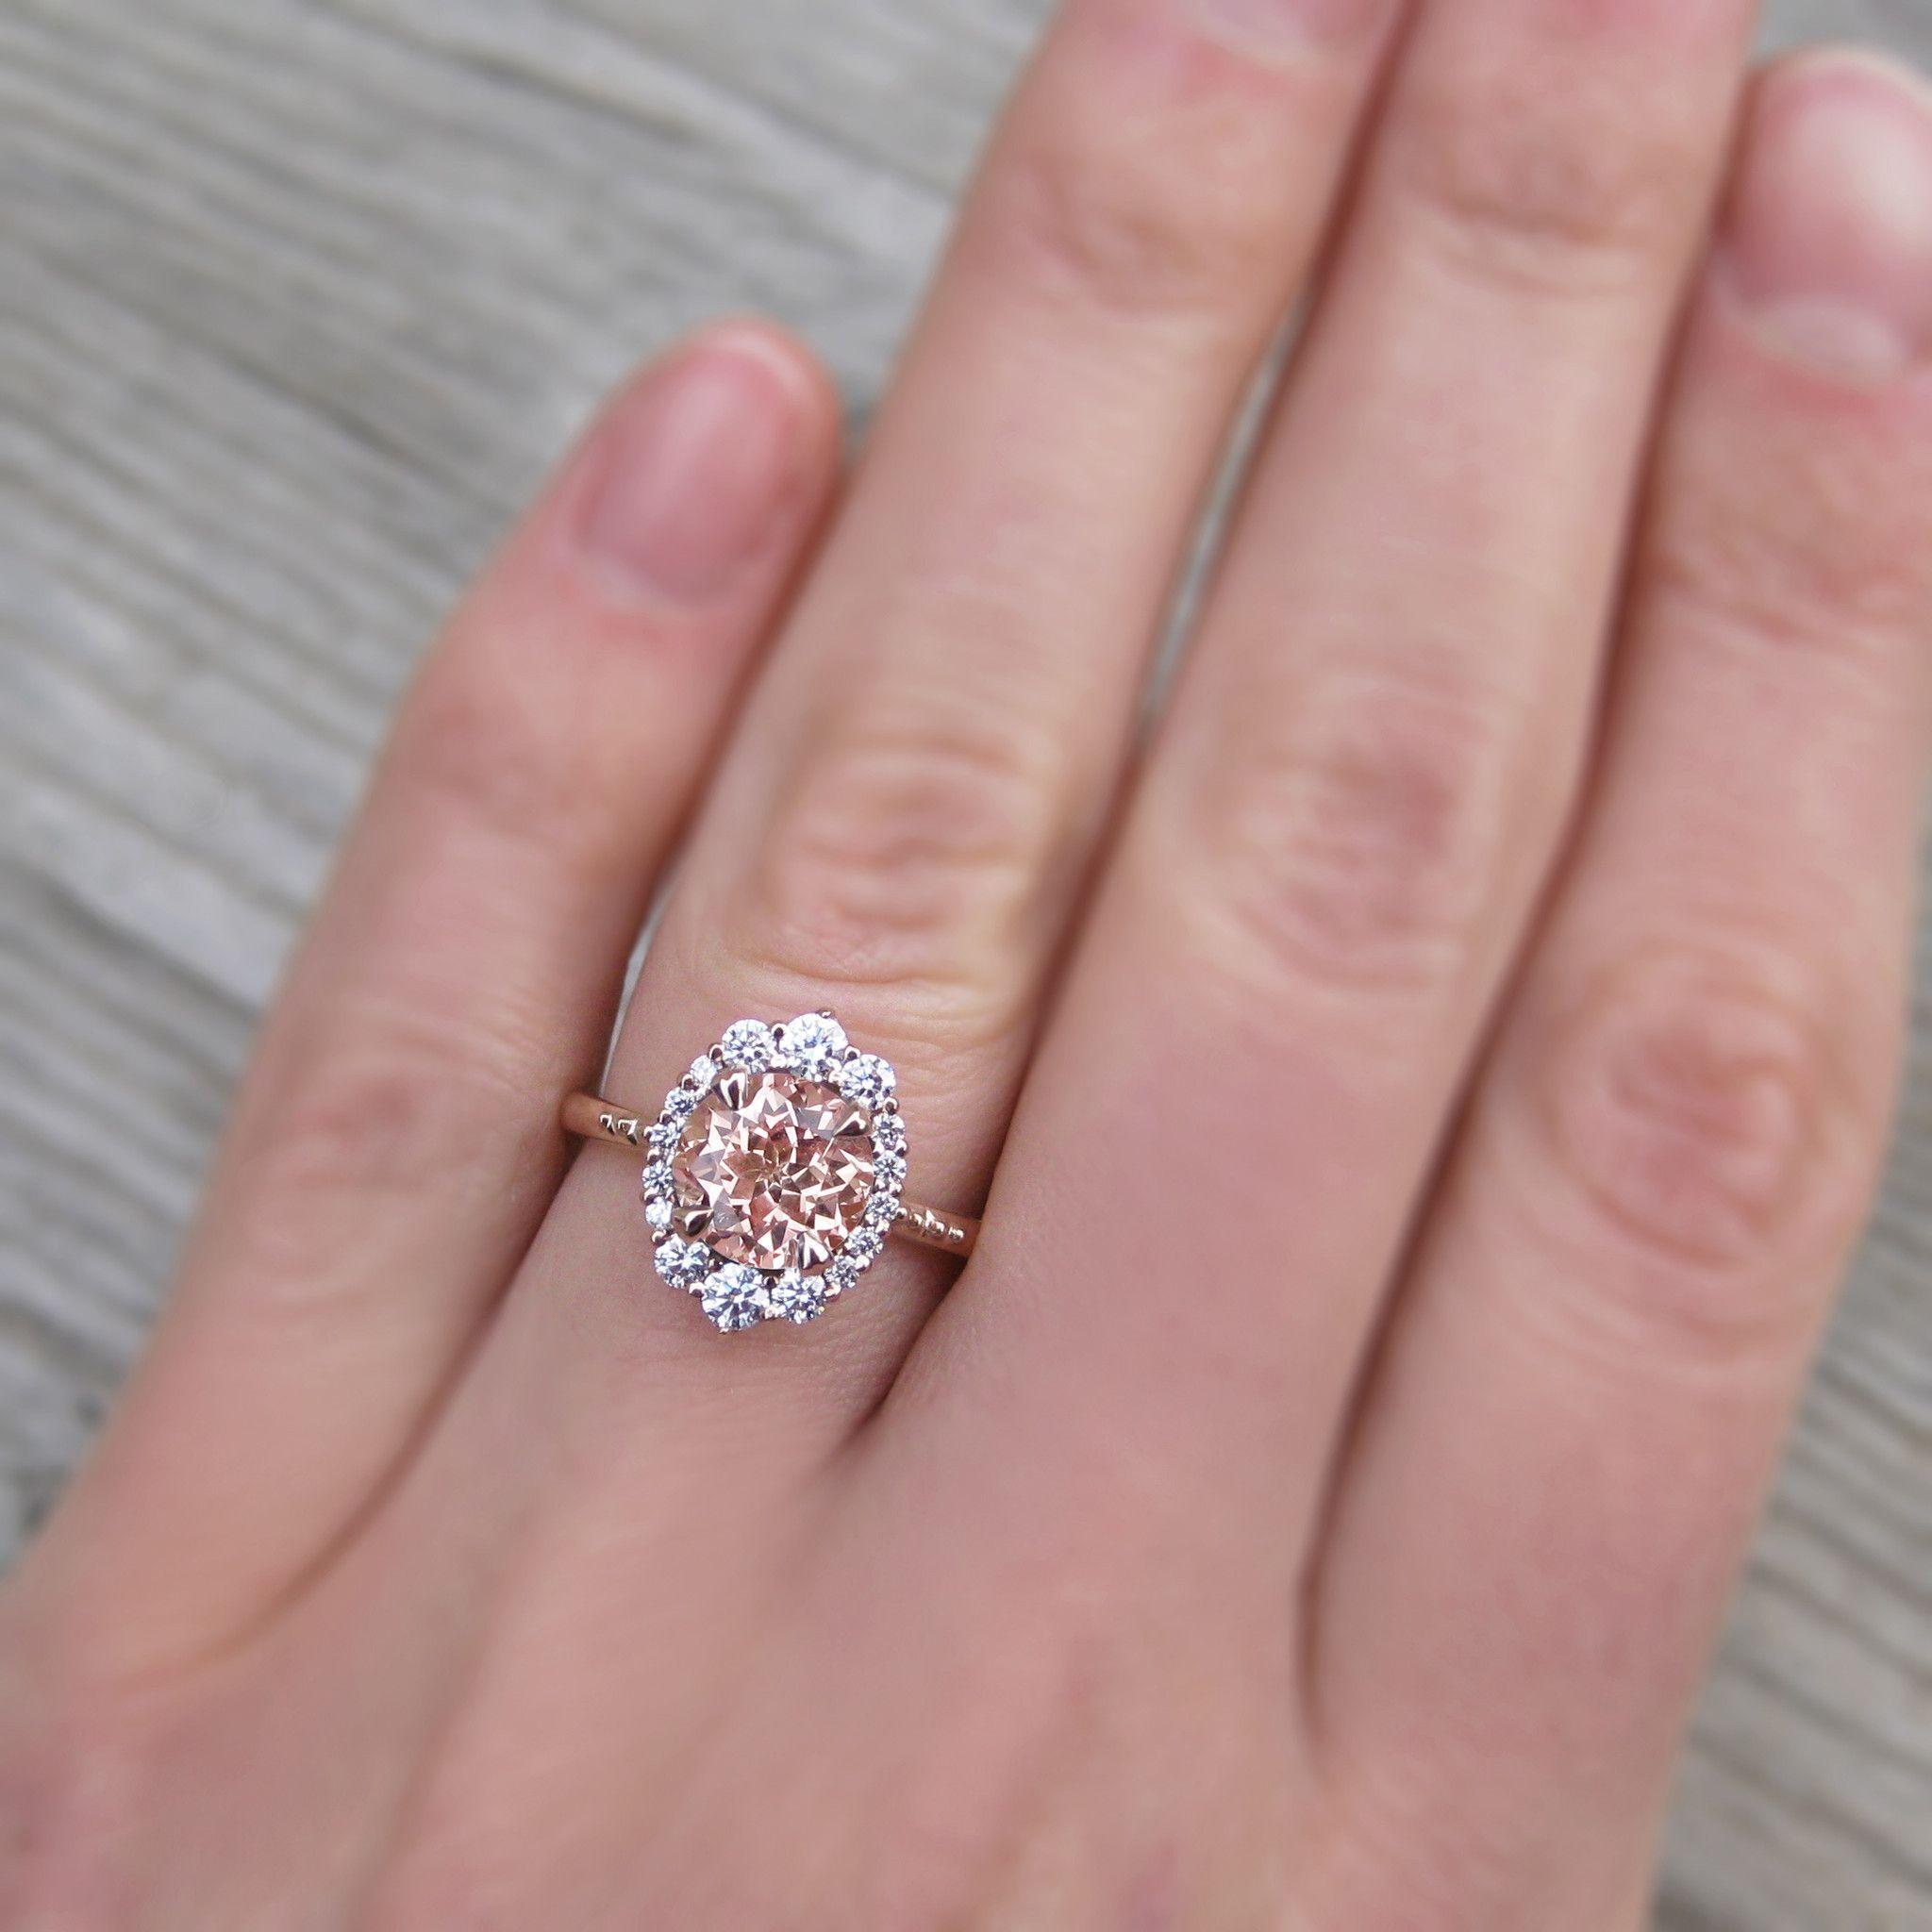 205 best Rings images on Pinterest | Diamond engagement rings ...